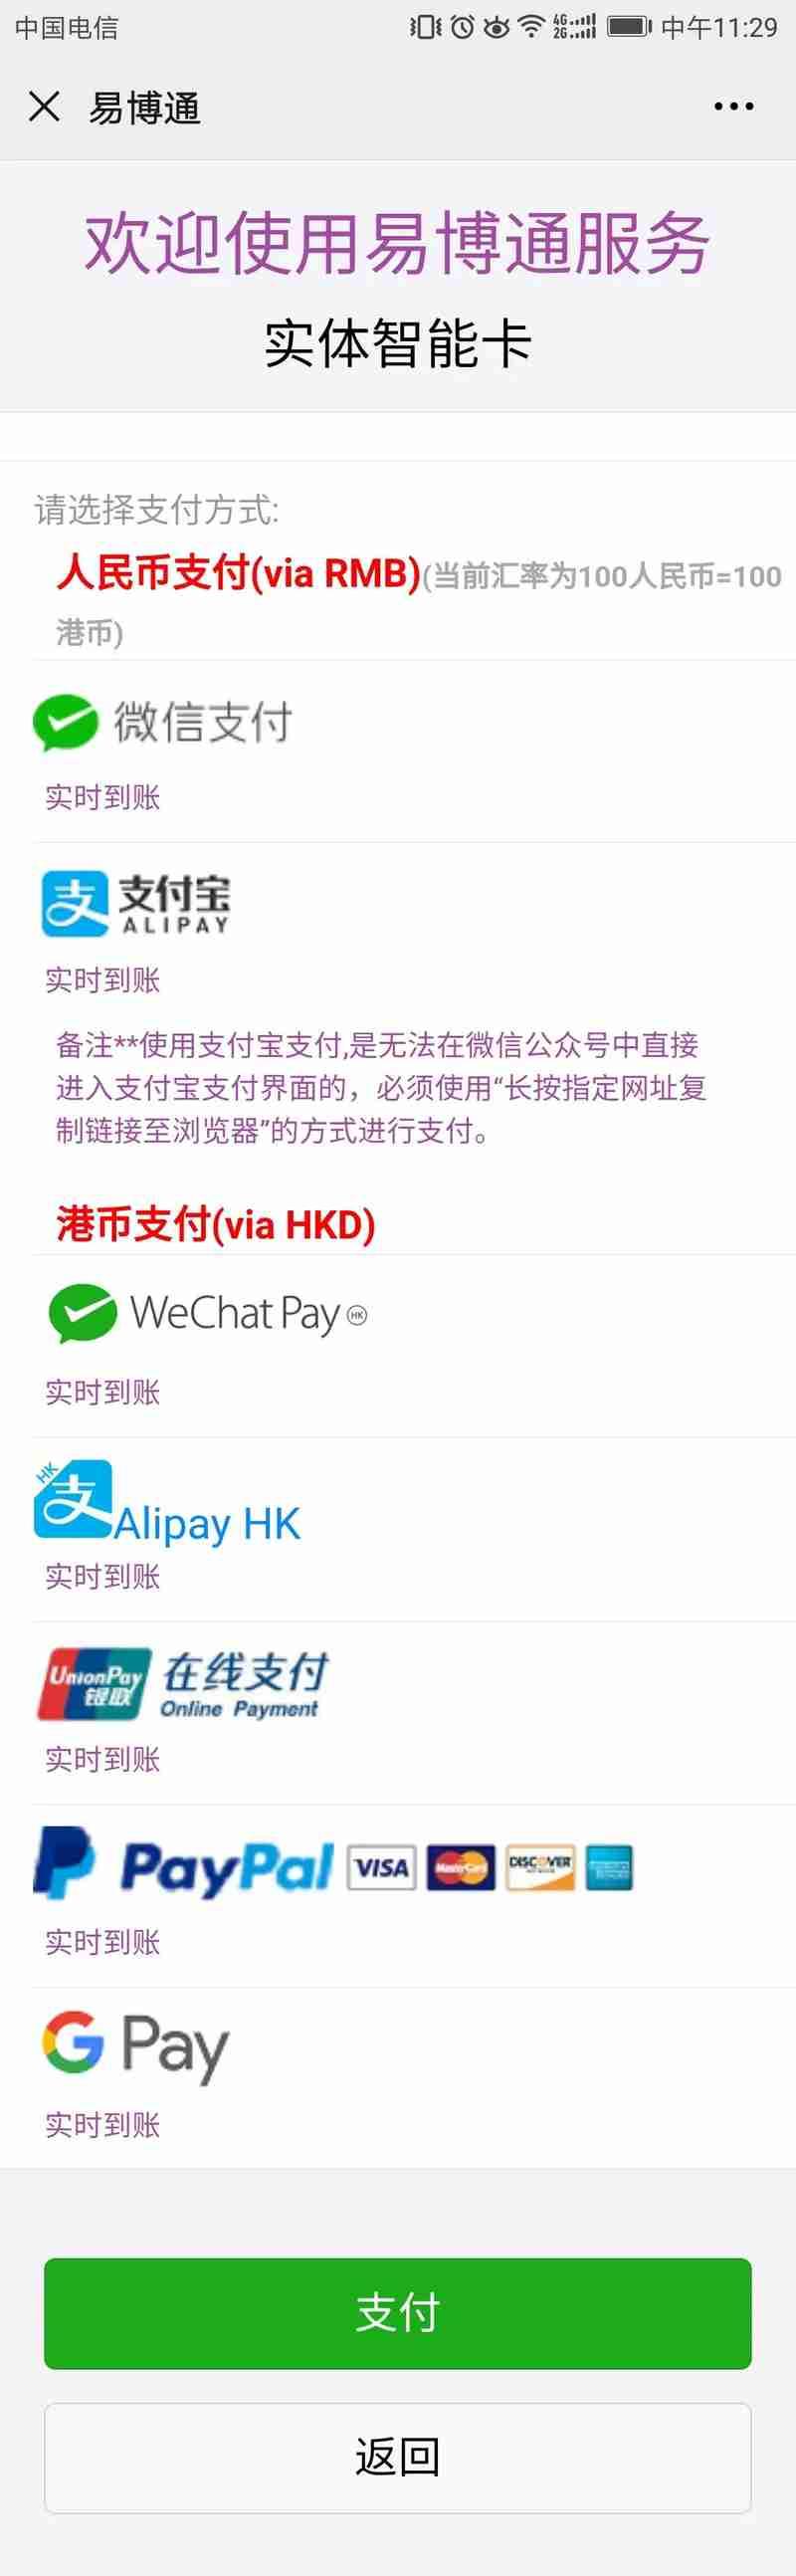 办理香港手机号码无限流量游戏SIM卡/eSIM套餐:选择合适的支付方式